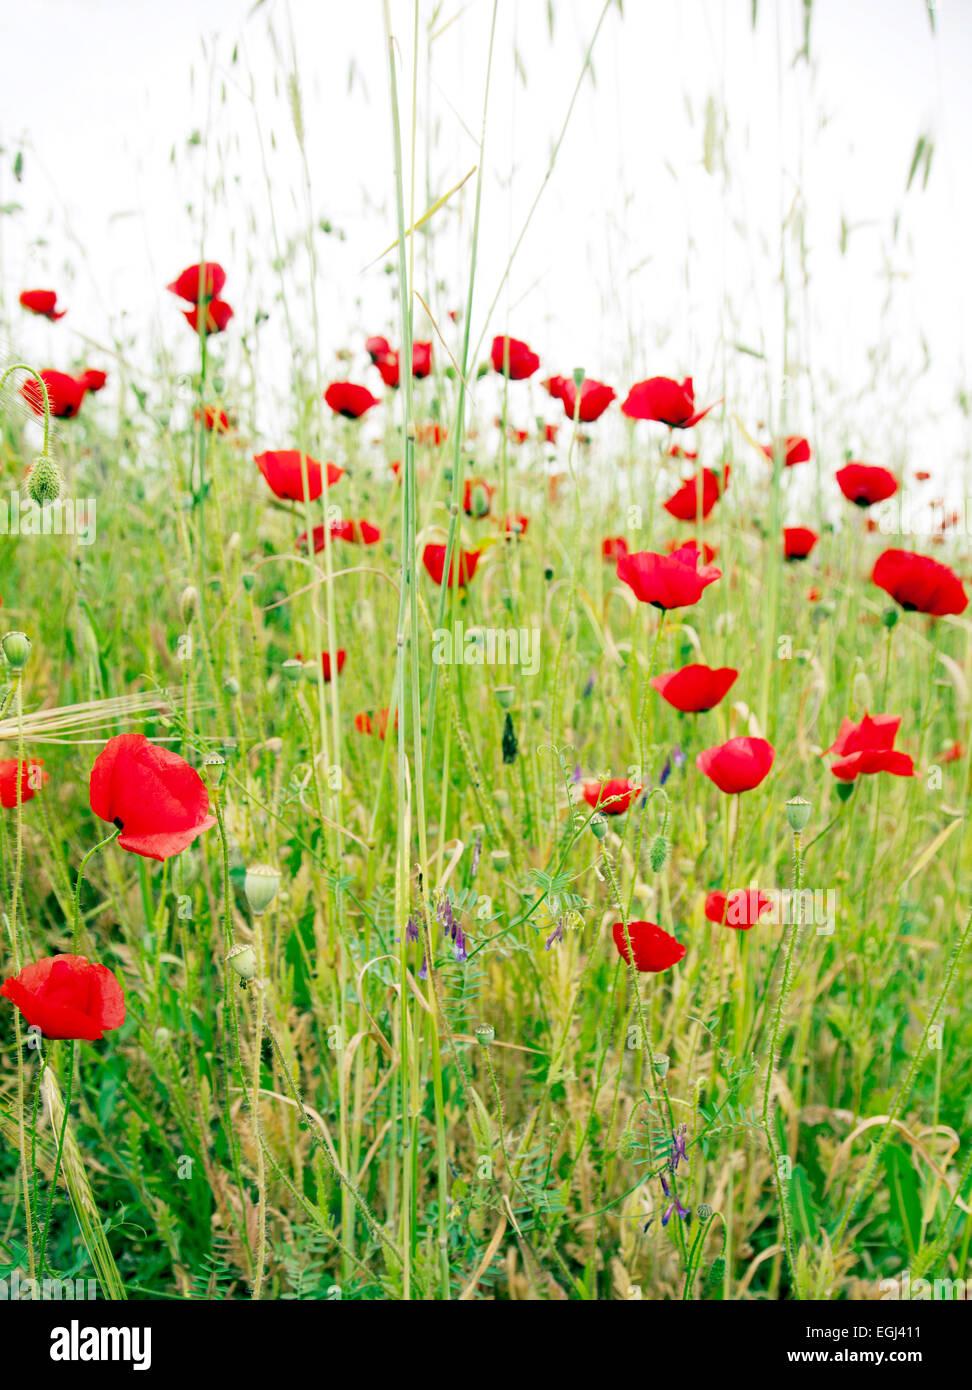 Turkey flower field grass poppy stock photo royalty free image turkey flower field grass poppy mightylinksfo